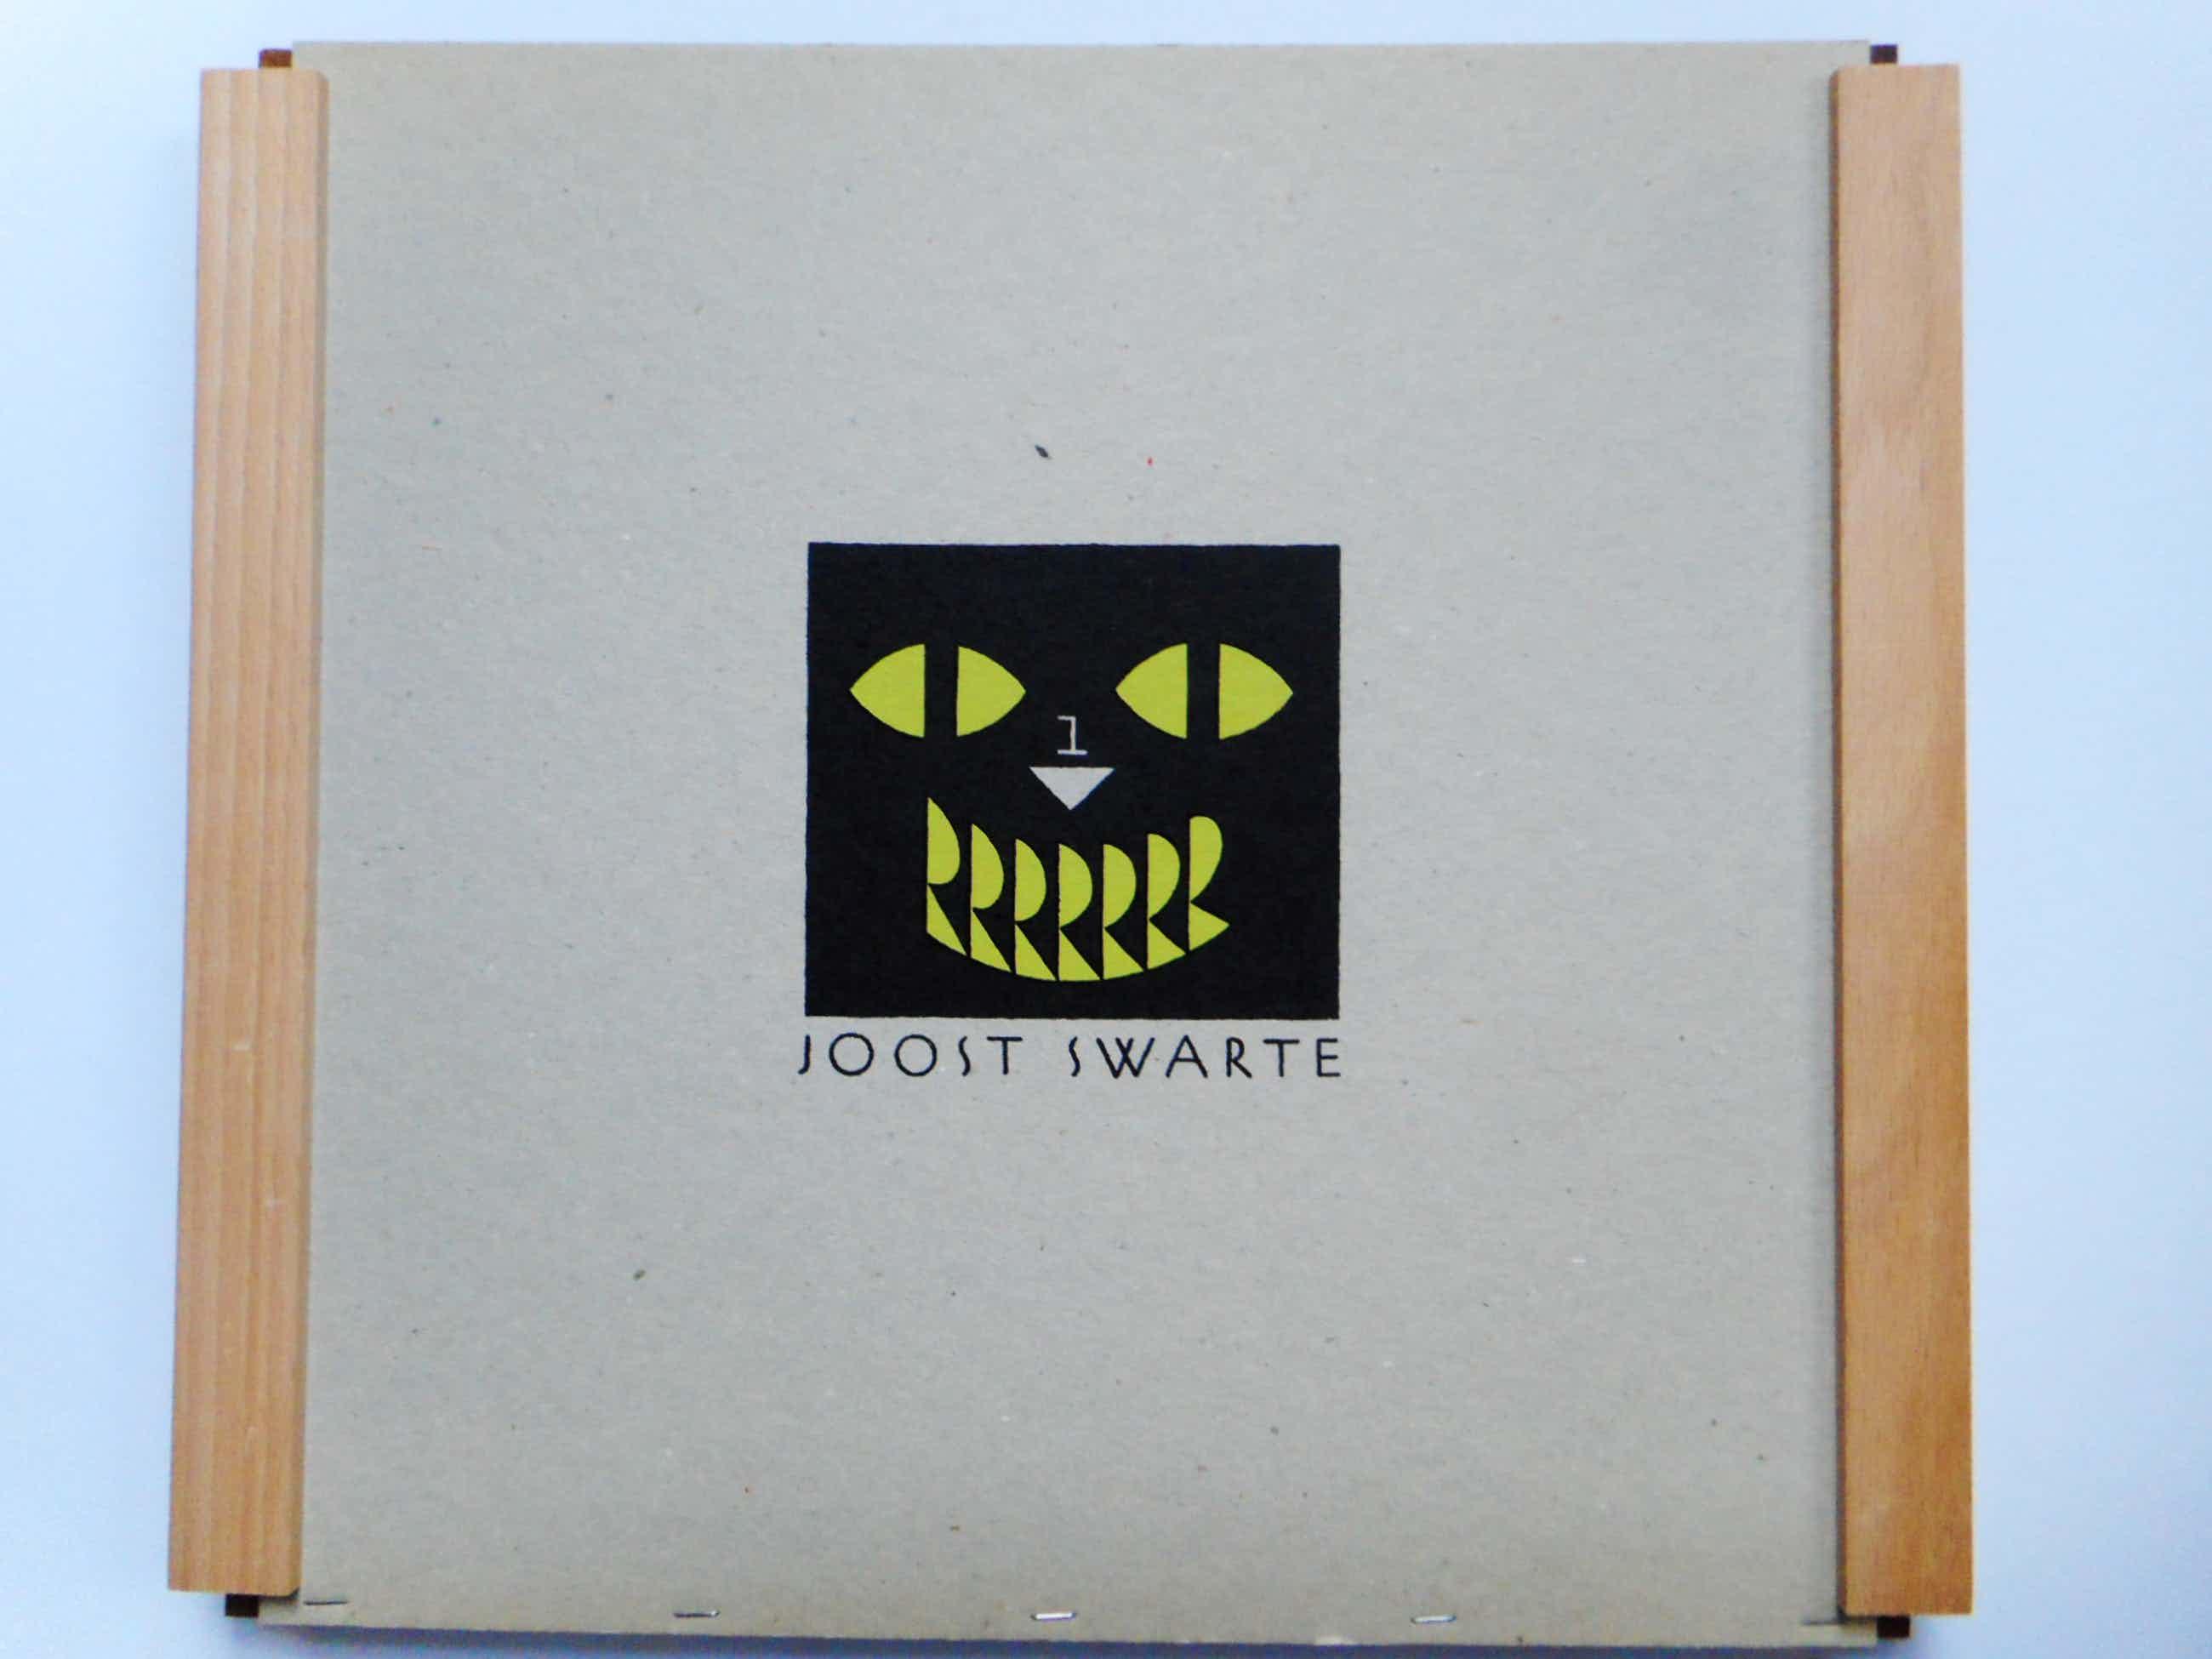 Joost Swarte - JOOST SWARTE 1 kopen? Bied vanaf 45!